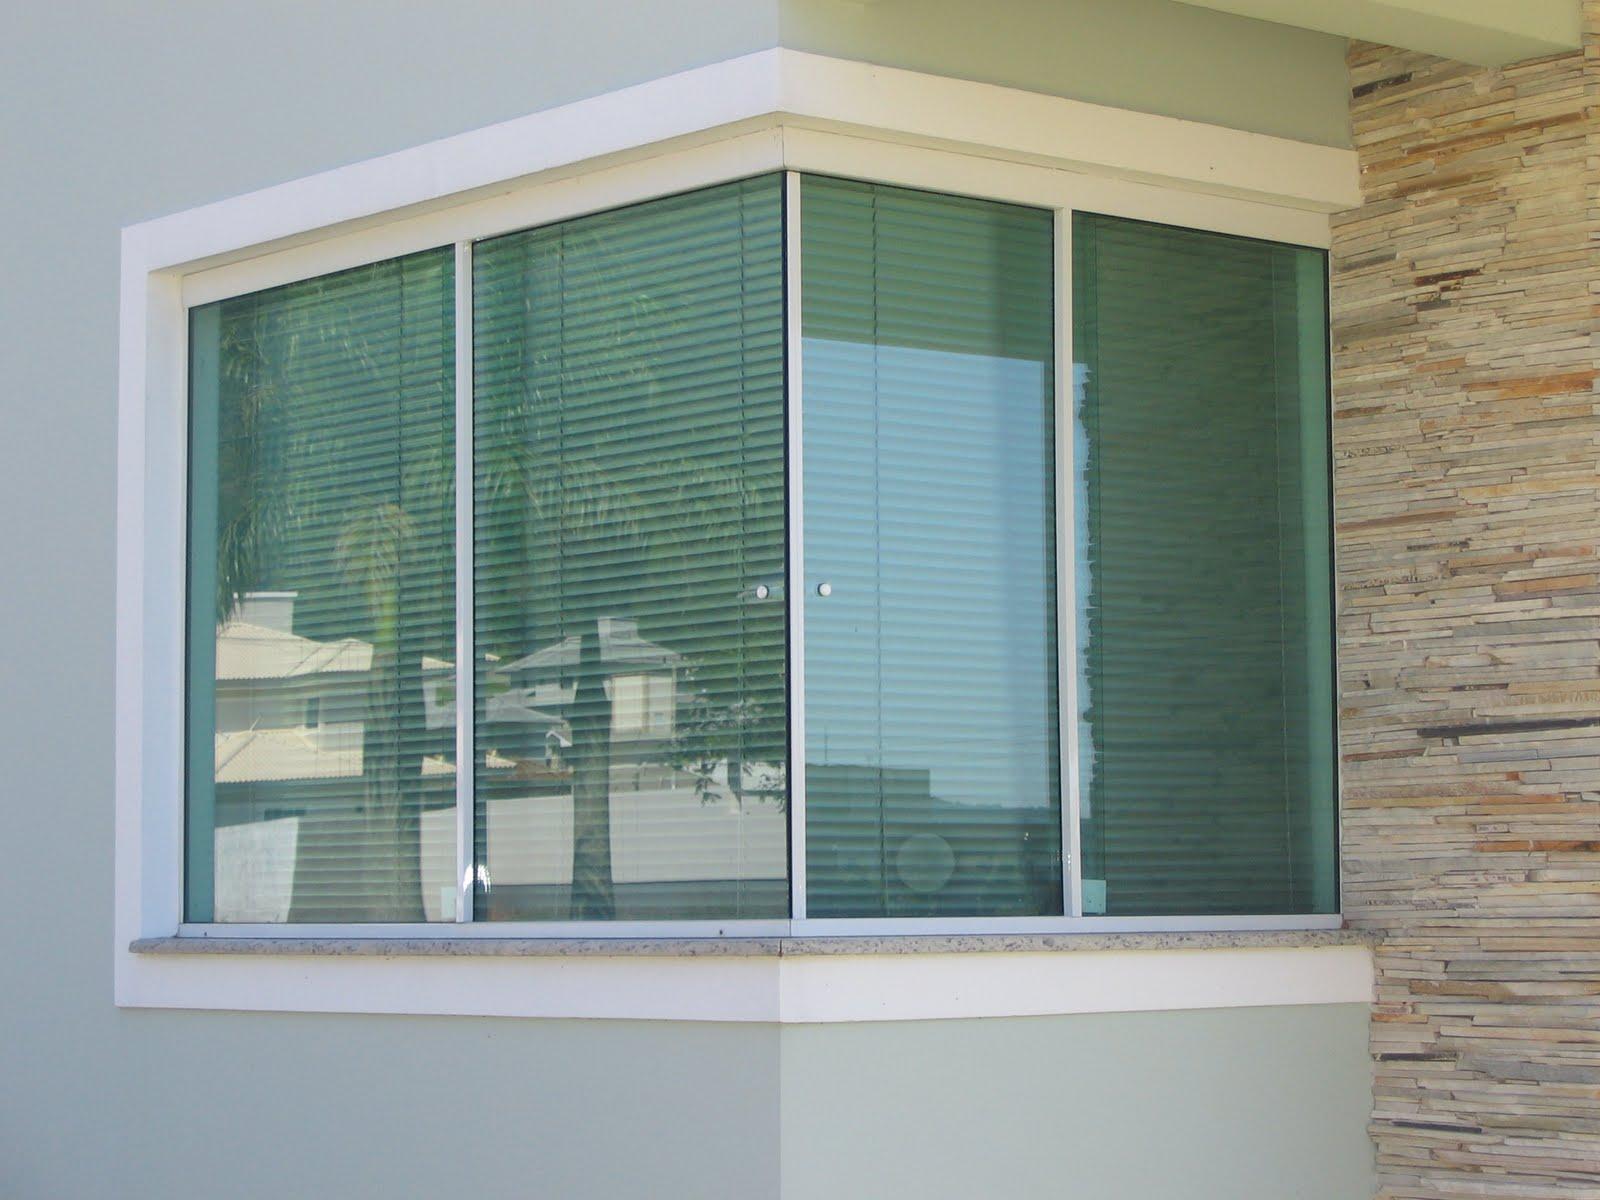 #826E49 Inspirações para Projetar: Janelas 432 Janelas De Vidros Para Residencia